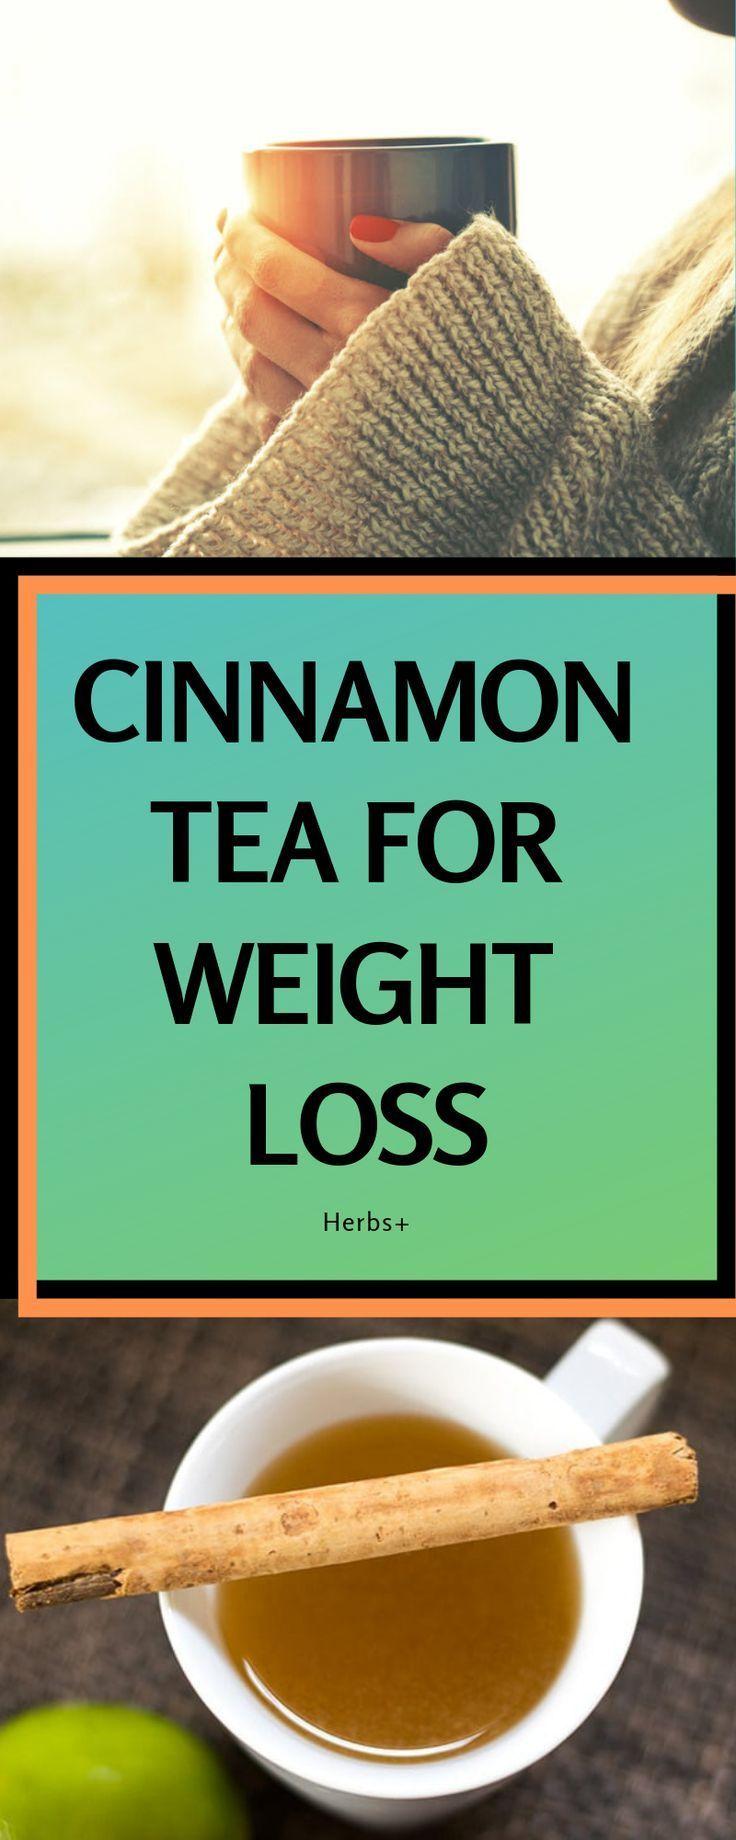 Zimttee Zur Gewichtsreduktion Workouts Zimt Verlust Tee Gewicht Mit Bildern Gewichtsreduktion Zimt Gewichte